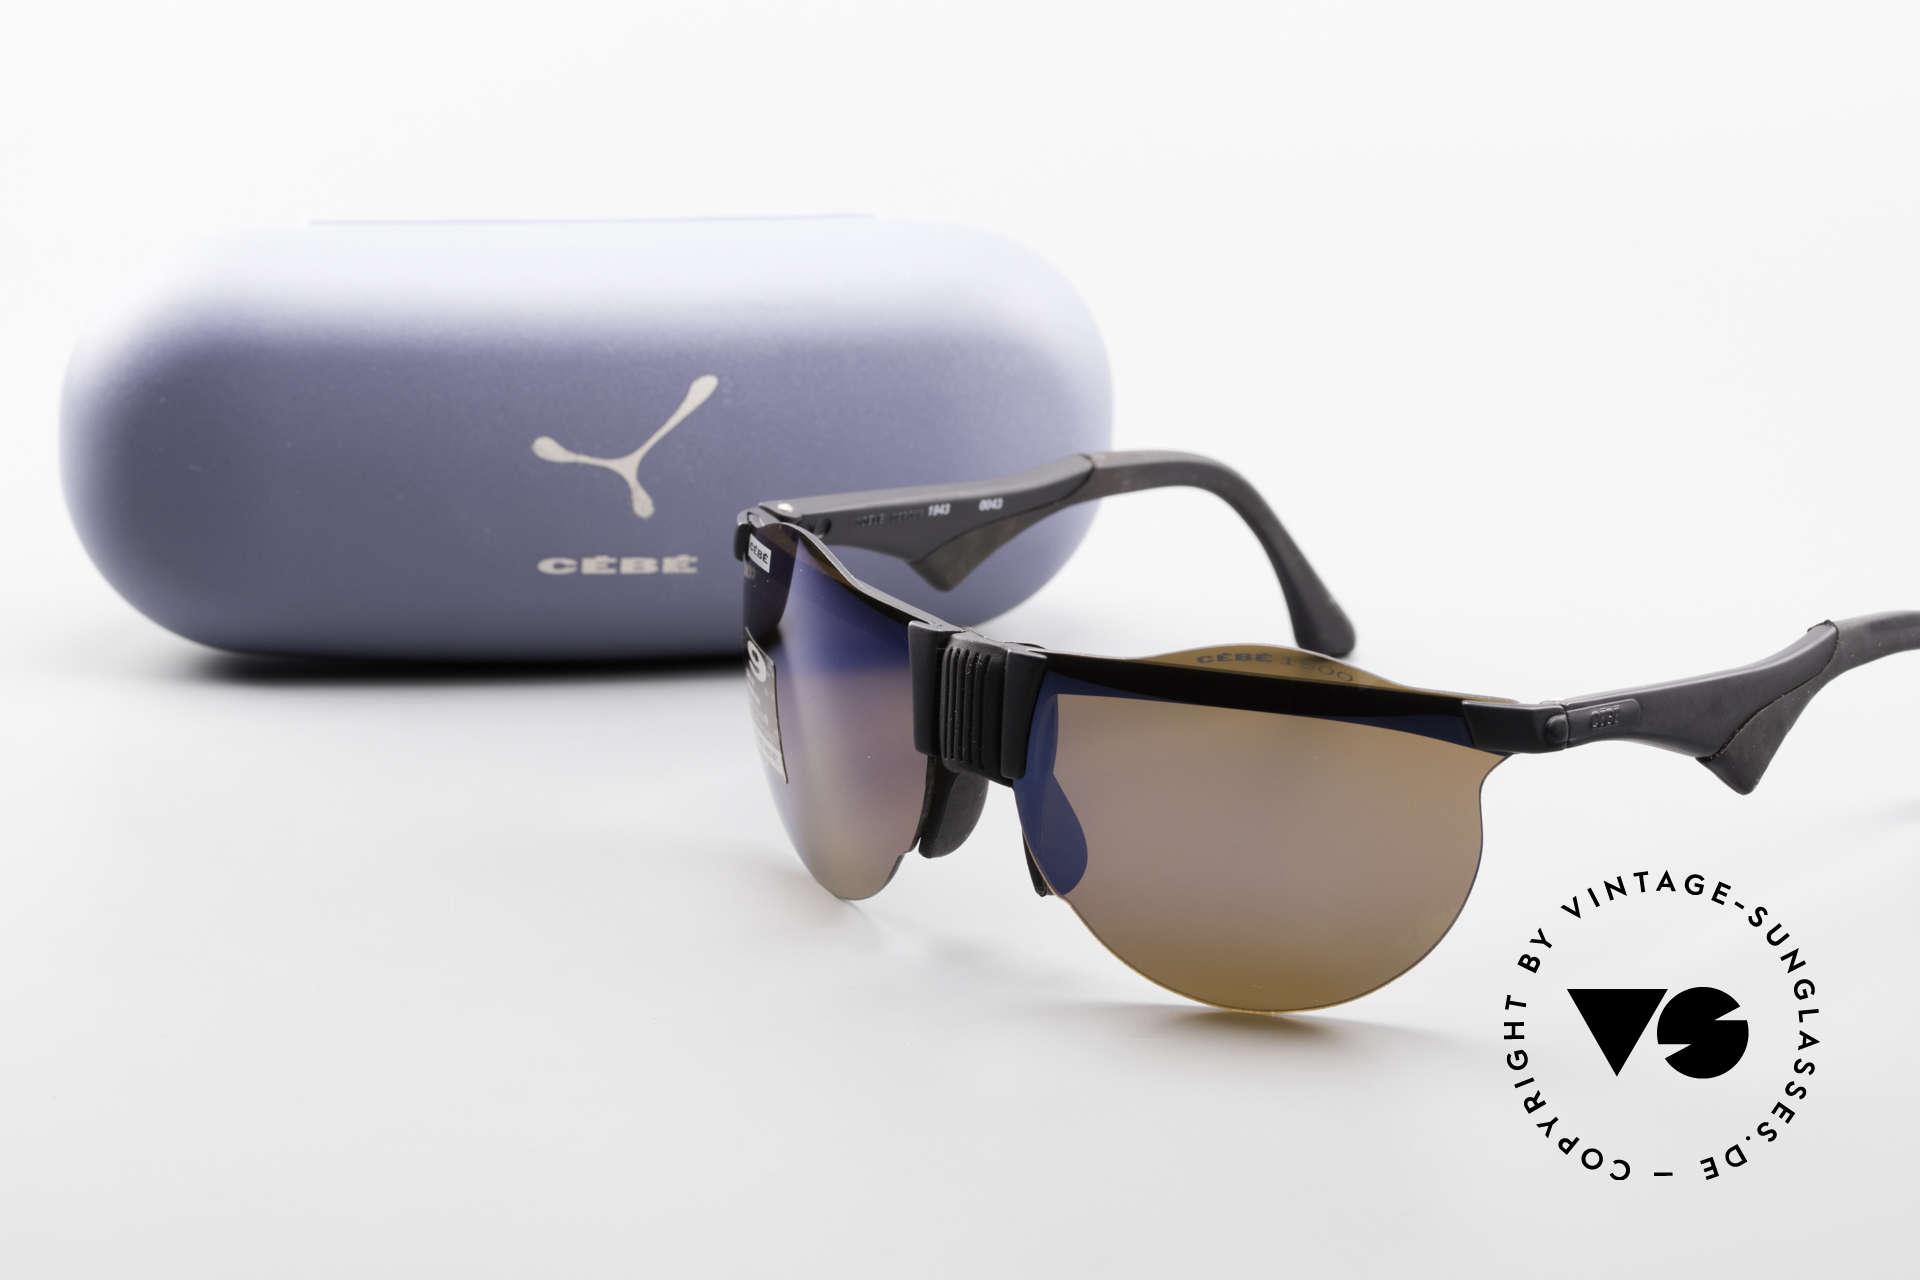 Cebe 1943 Alte Rennfahrer Sonnenbrille, Größe: extra small, Passend für Herren und Damen